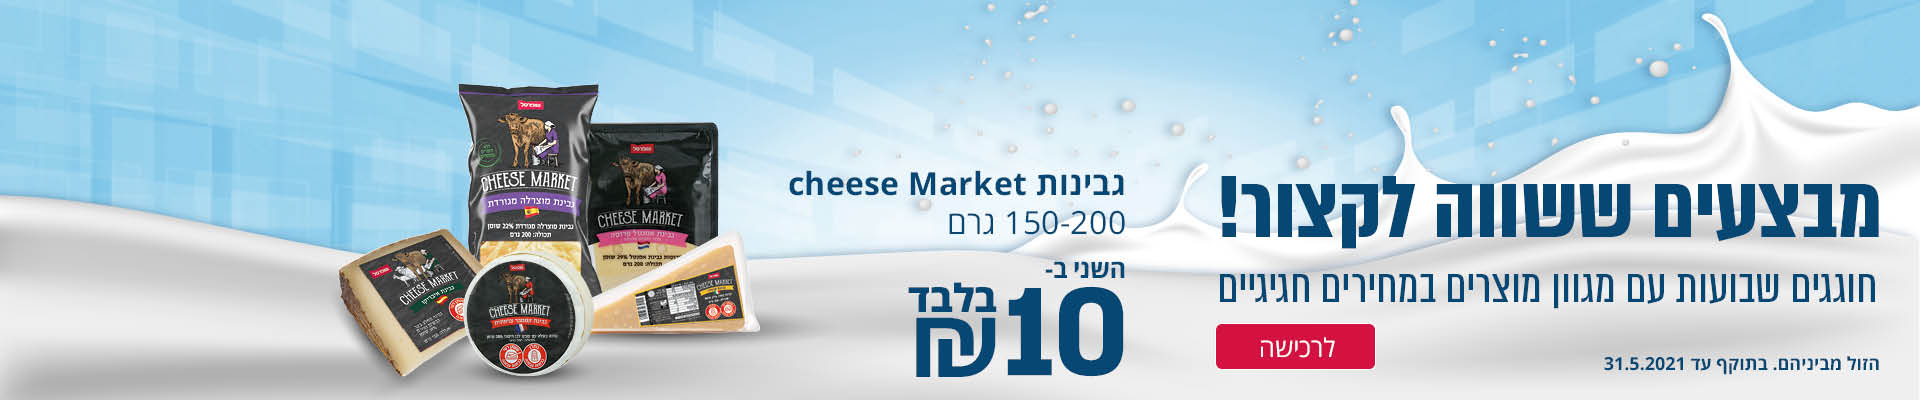 מבצעים ששווה לקצור! חוגגים שבועות עם מגוון מוצרים במחירים חגיגיים מבחר גבינות שופרסל 150-200 גרם השני ב- 10 ₪ בלבד לרכישה הזול מבניהם. בתוקף עד 31.5.2021